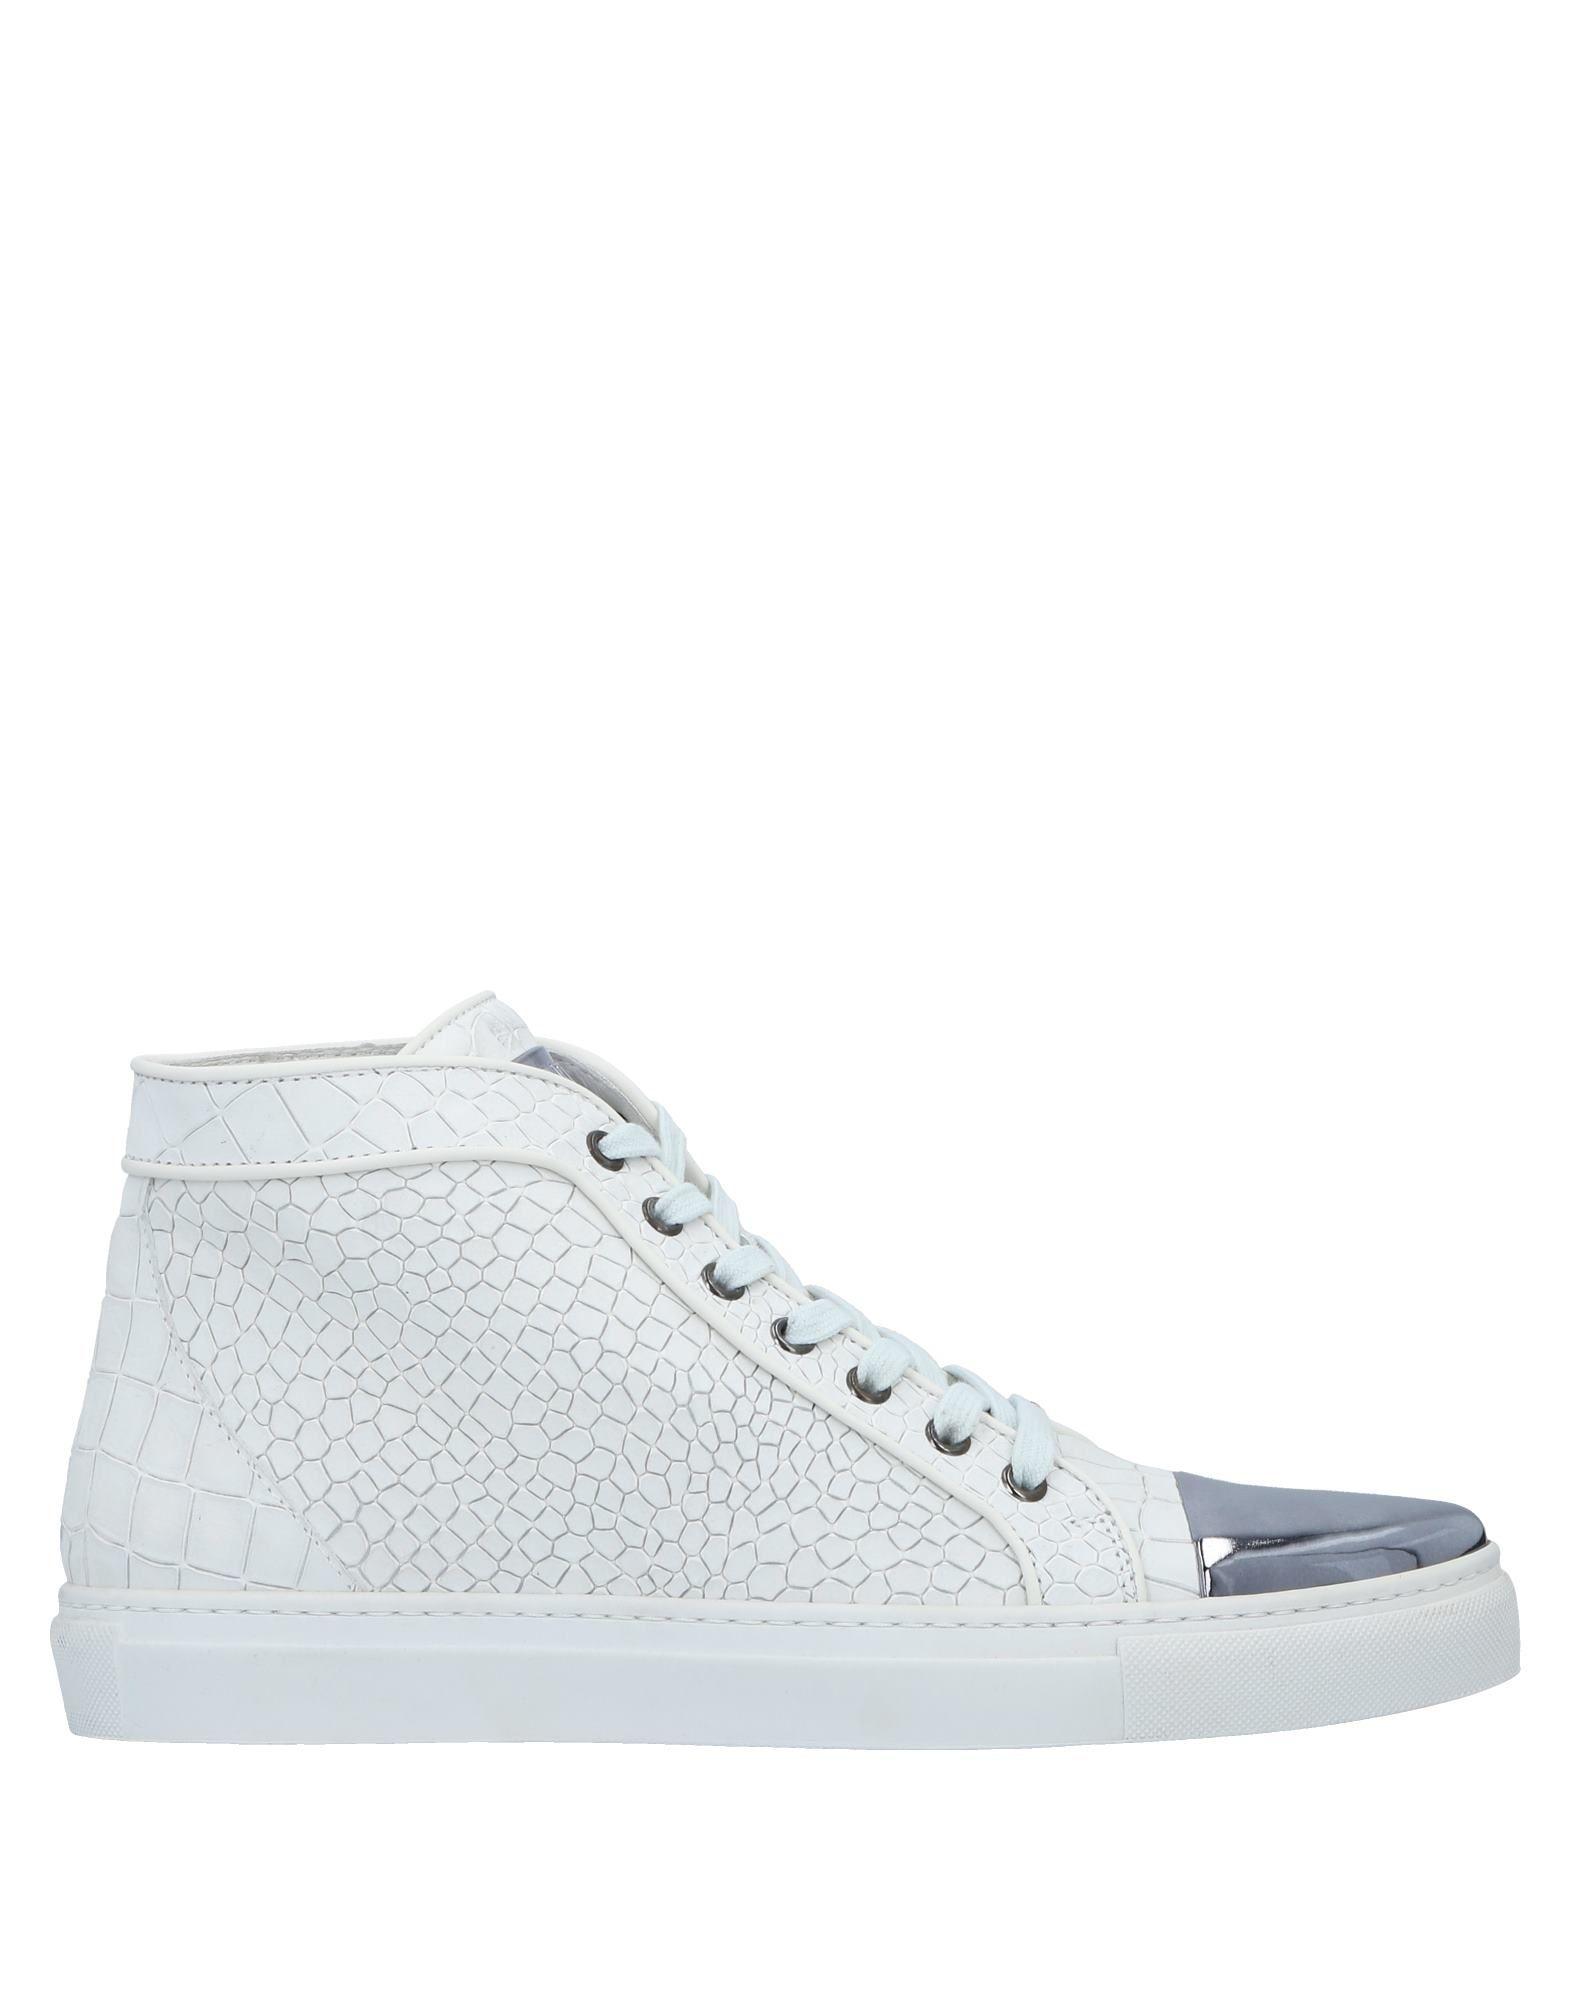 STOKTON   STOKTON High-tops & sneakers 11025826   Goxip